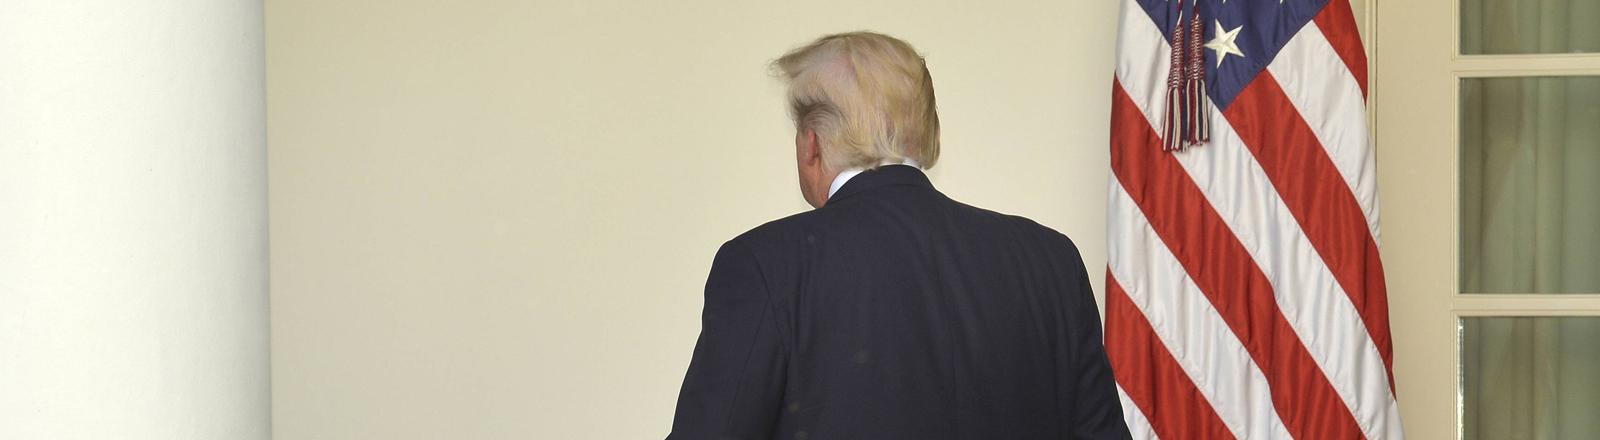 Donald Trump verlässt die Bühne